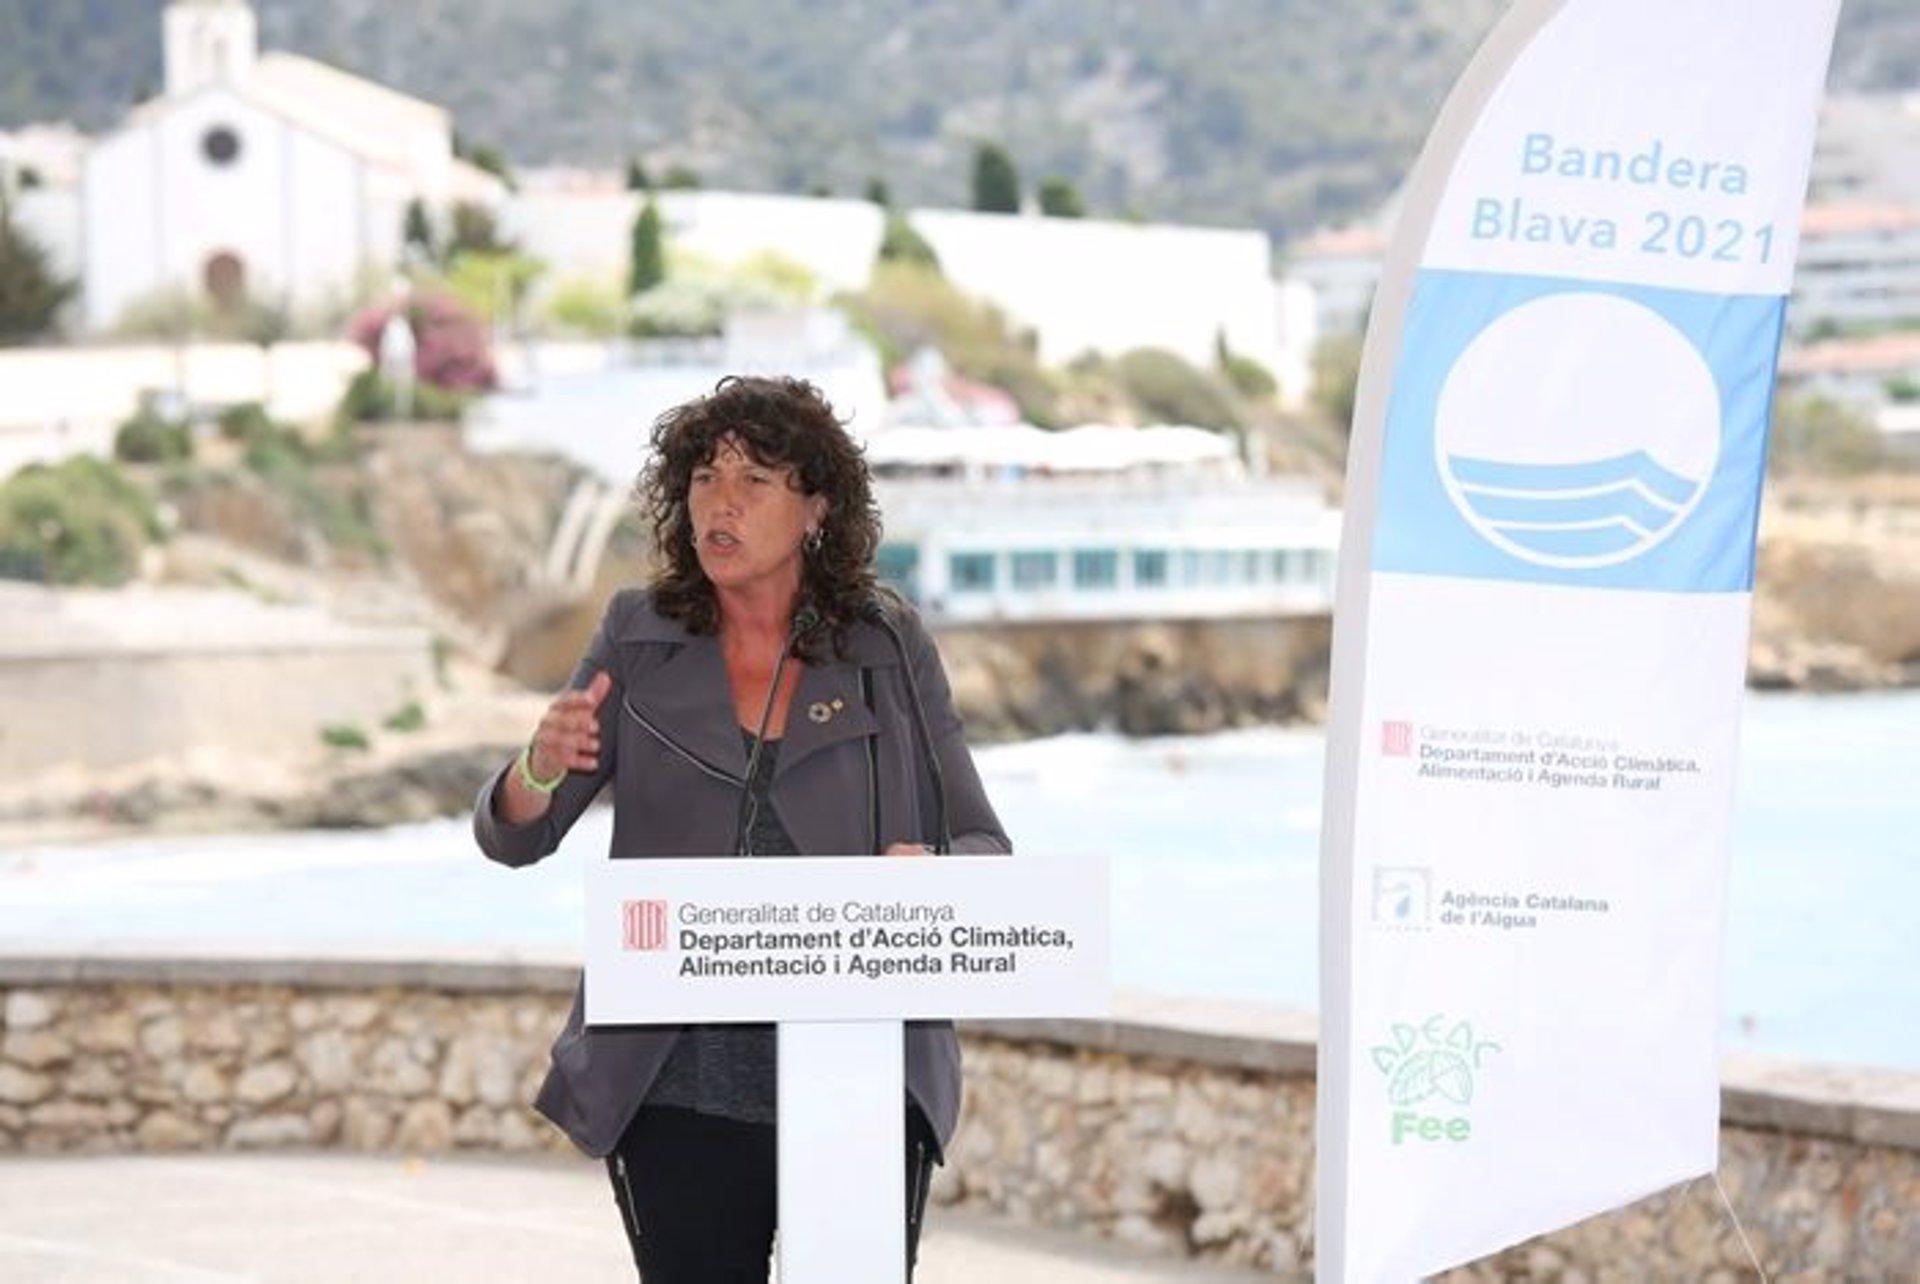 La consellera d'Acció Climàtica, Alimentació i Agenda Rural Teresa Jordà / Generalitat de Catalunya